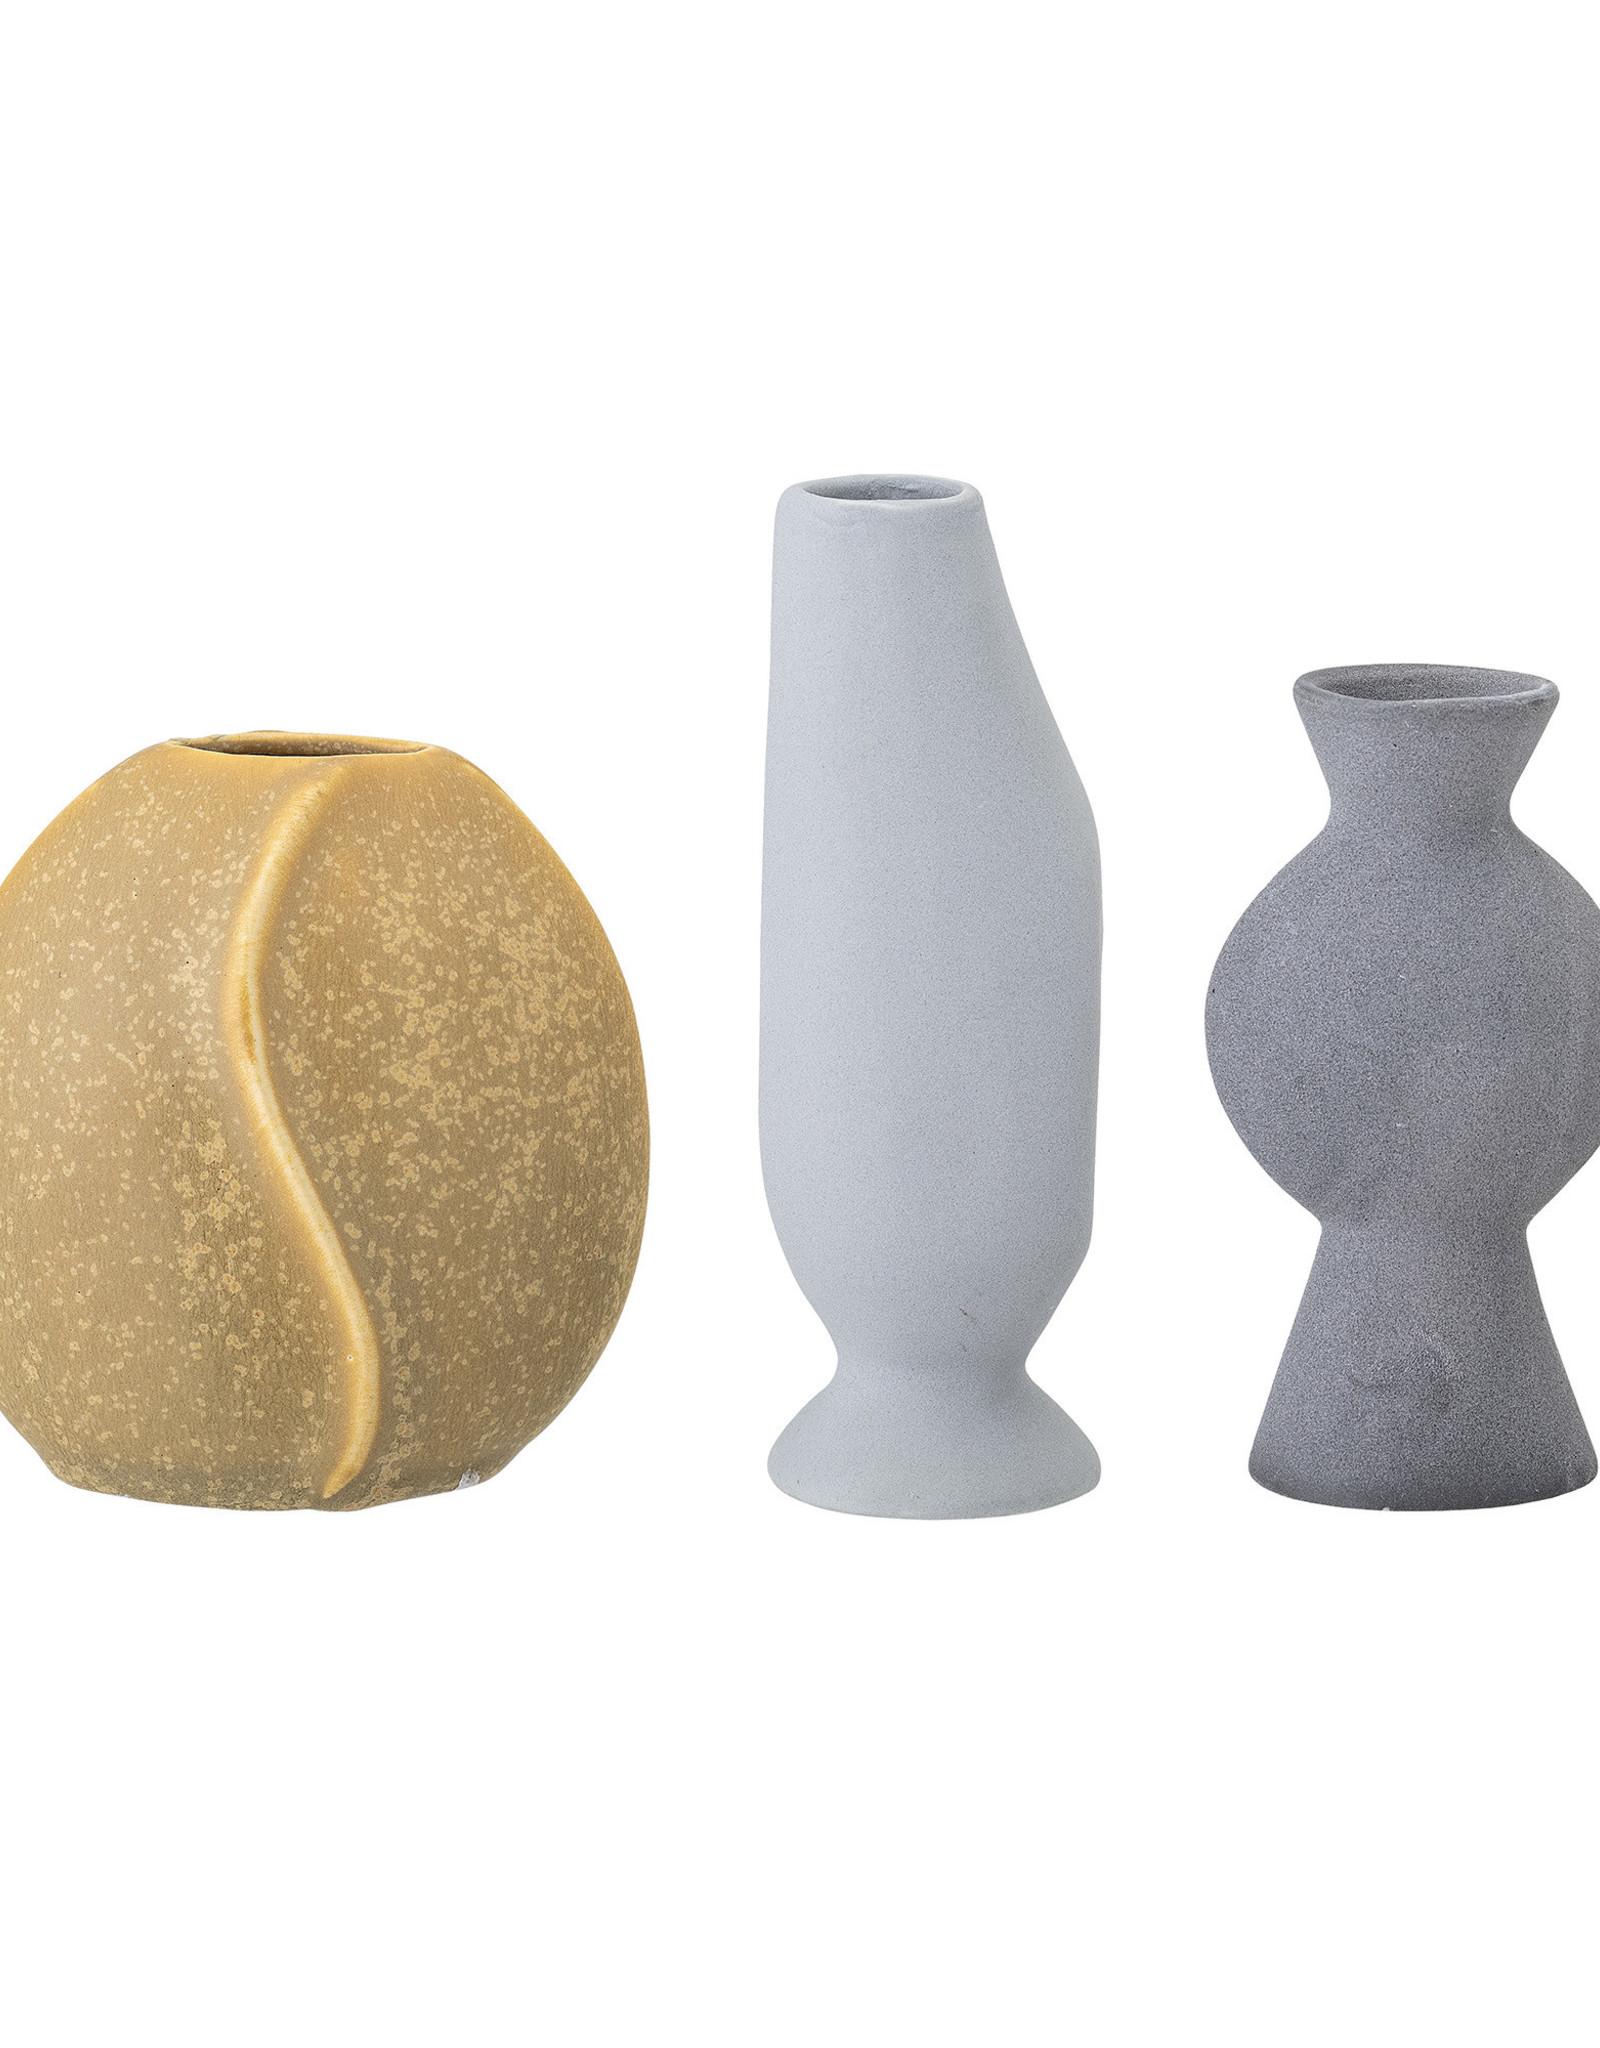 Bloomingville Bloomingville - vase multi color M